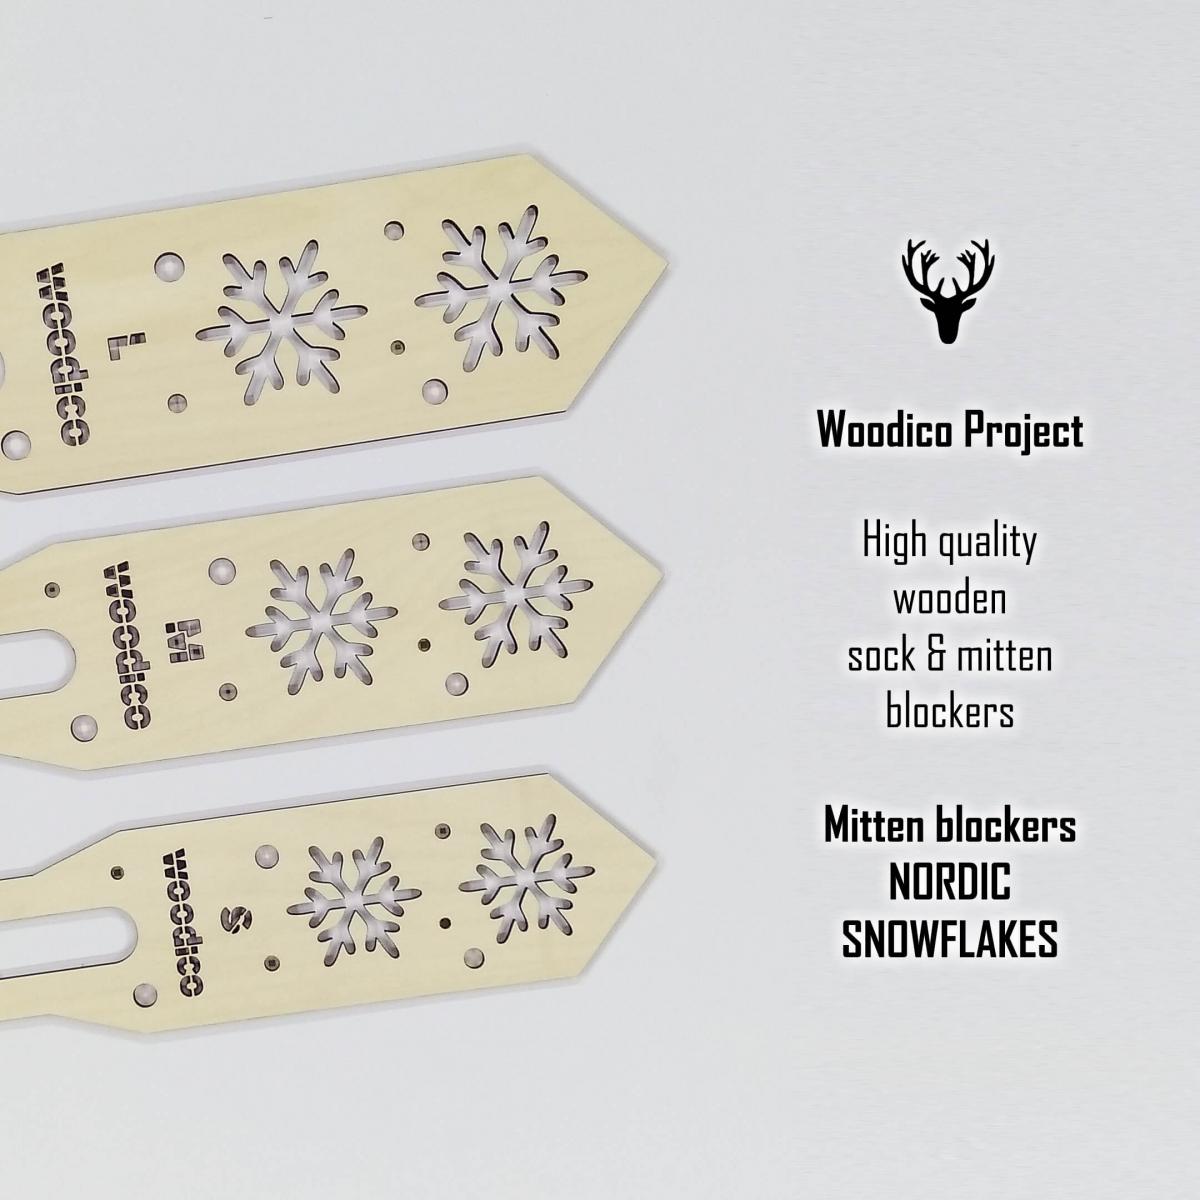 woodico.pro wooden mitten blockers nordic snowflakes 1 1200x1200 - Wooden mitten blockers / Nordic Snowflakes